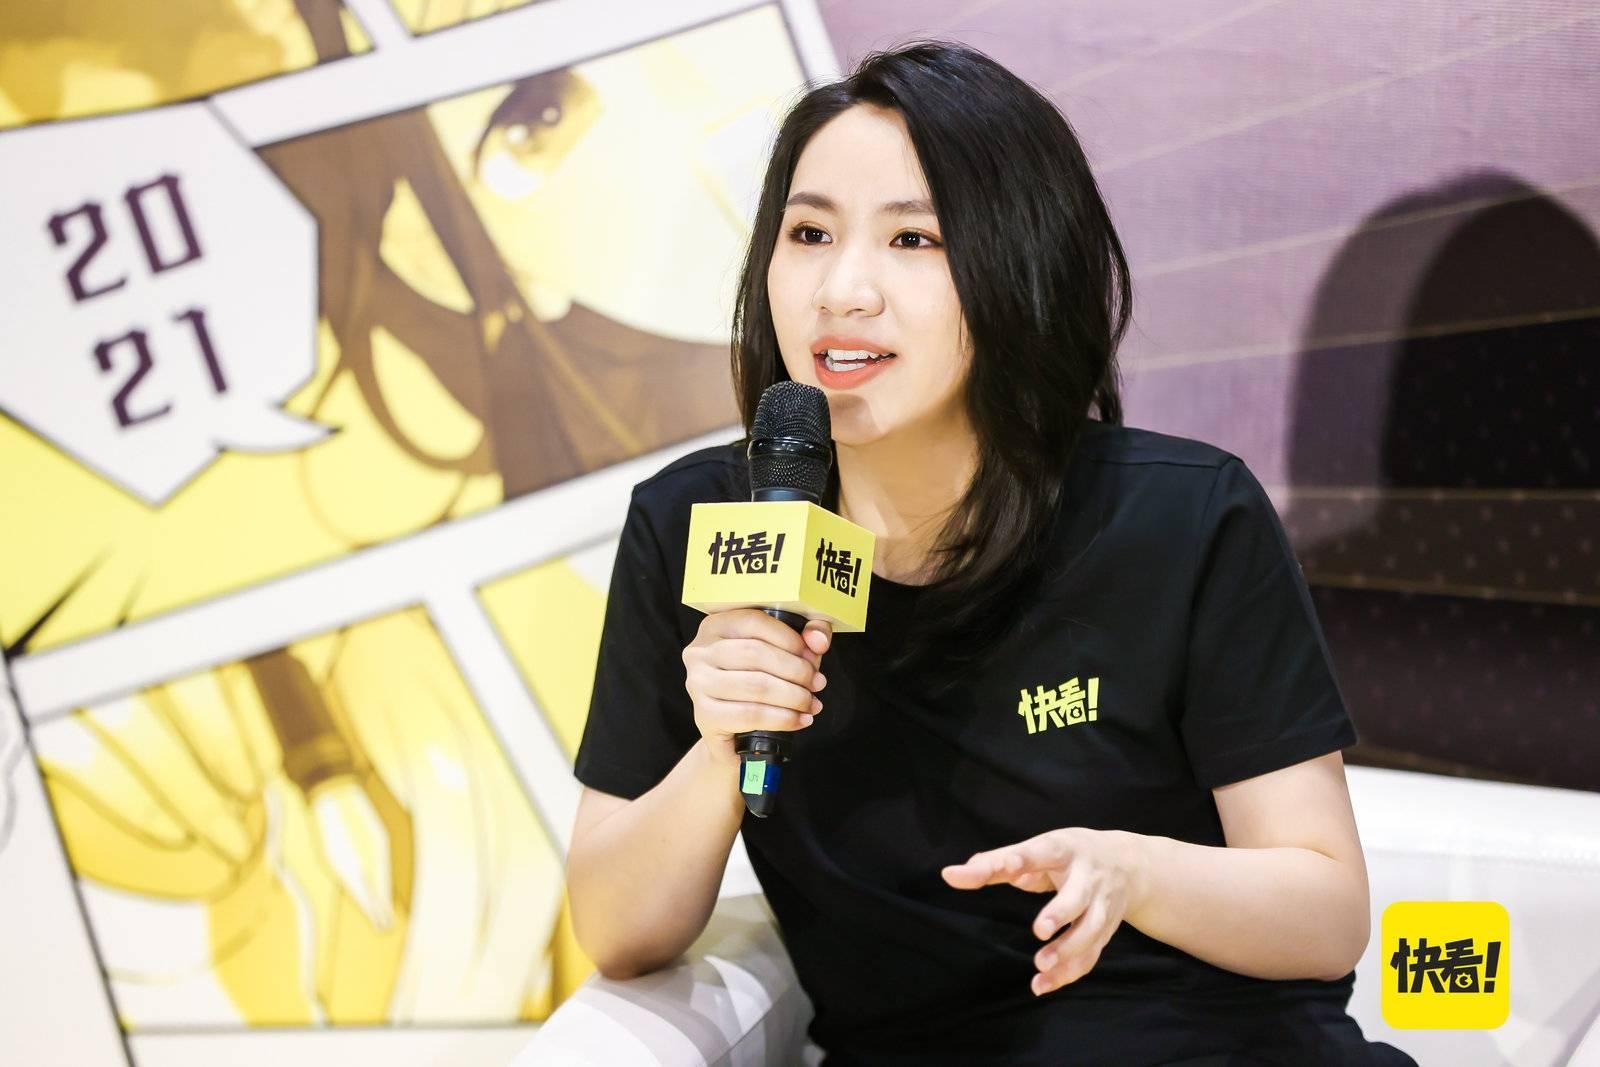 快看漫画CEO陈安妮:还是希望独立发展,IPO在考虑中